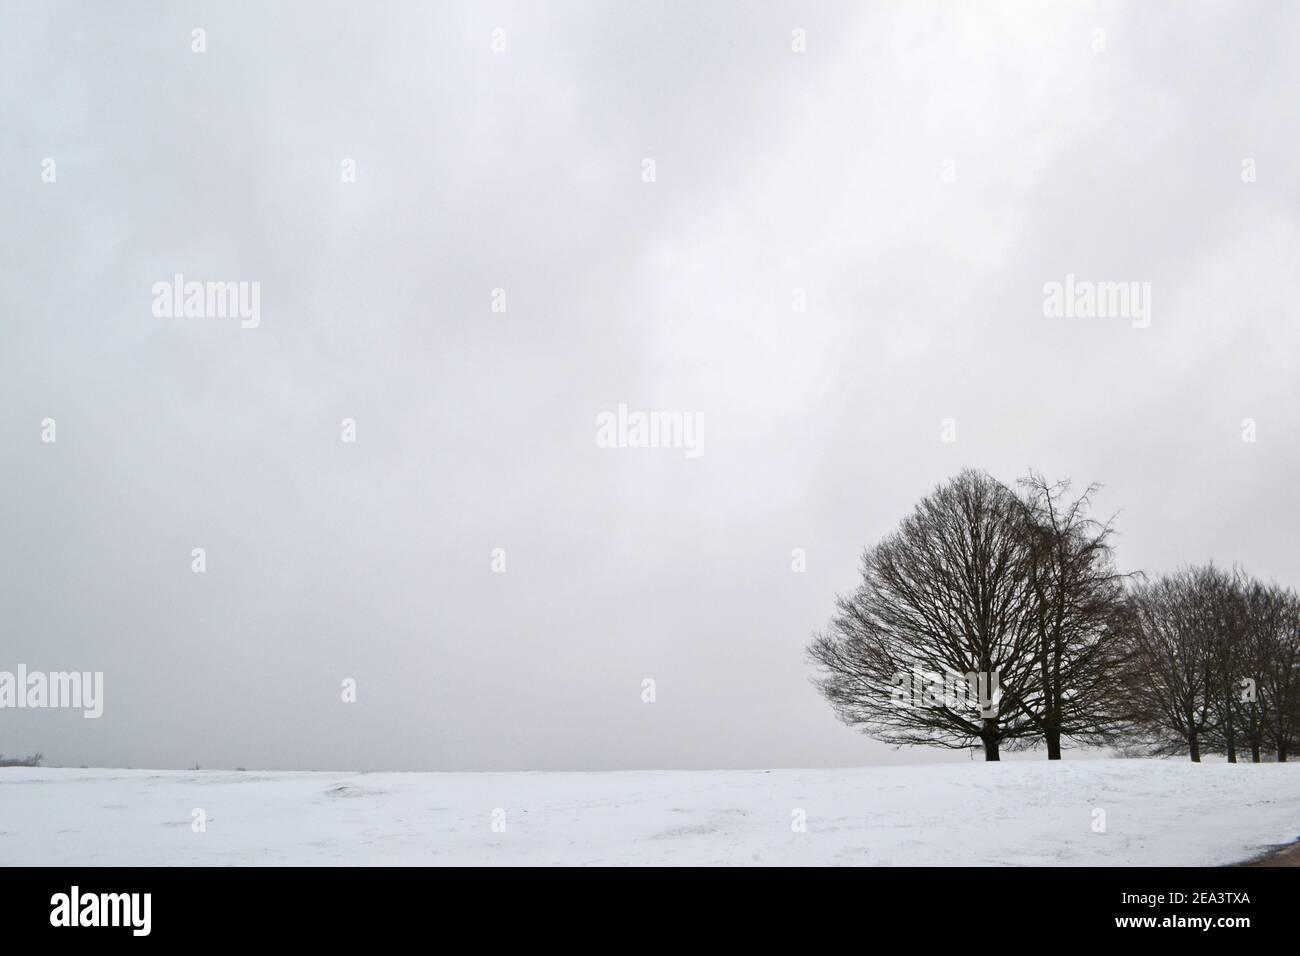 Una sombría escena en medio de la nieve en Knole Park, Sevenoaks, Kent, Inglaterra, 7 de febrero, 2021. Condiciones duras en el campo inglés Foto de stock